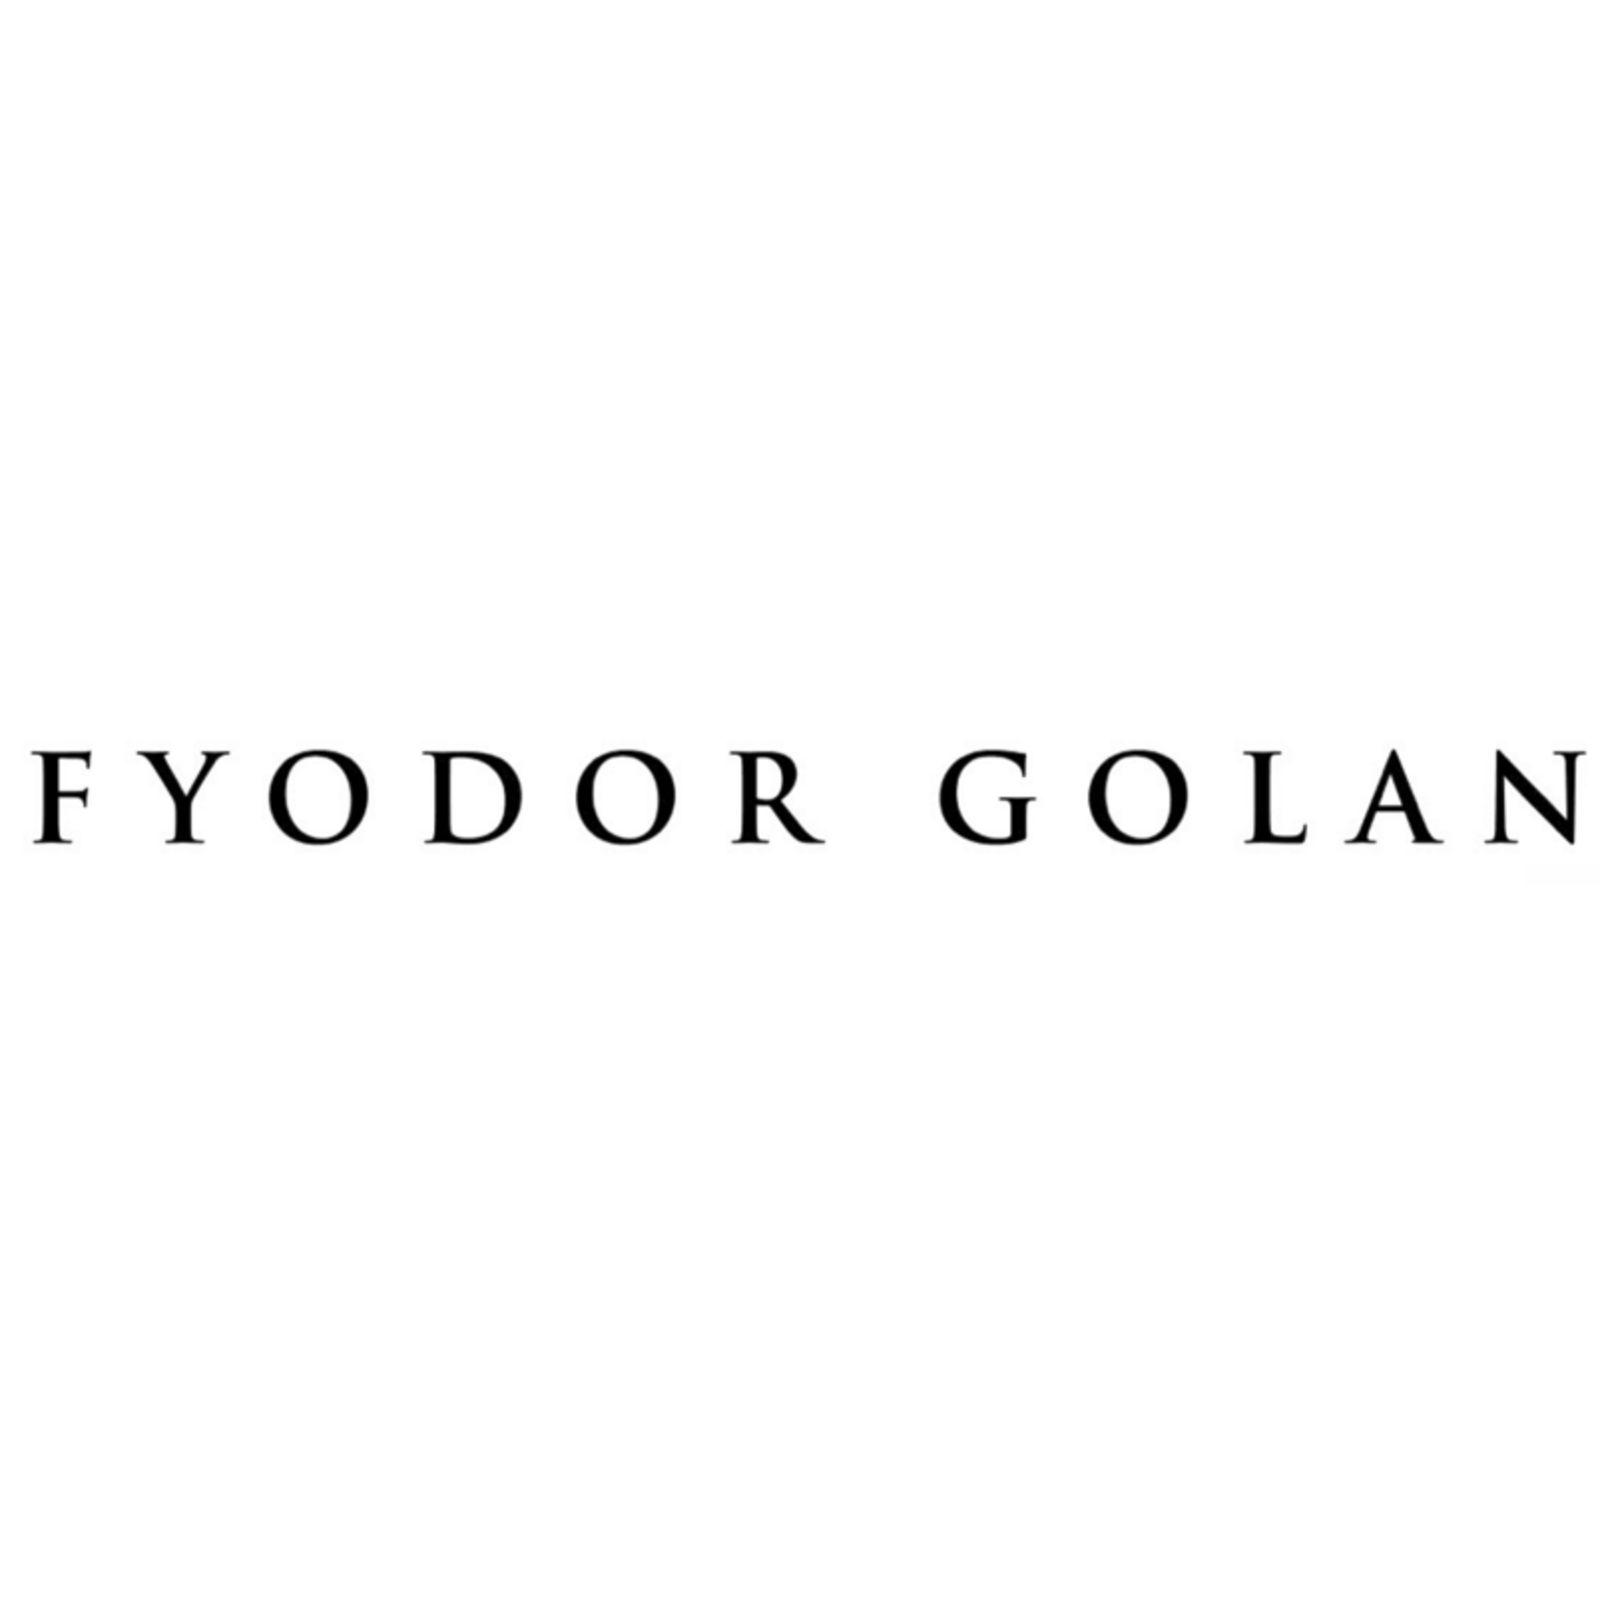 FYODOR GOLAN